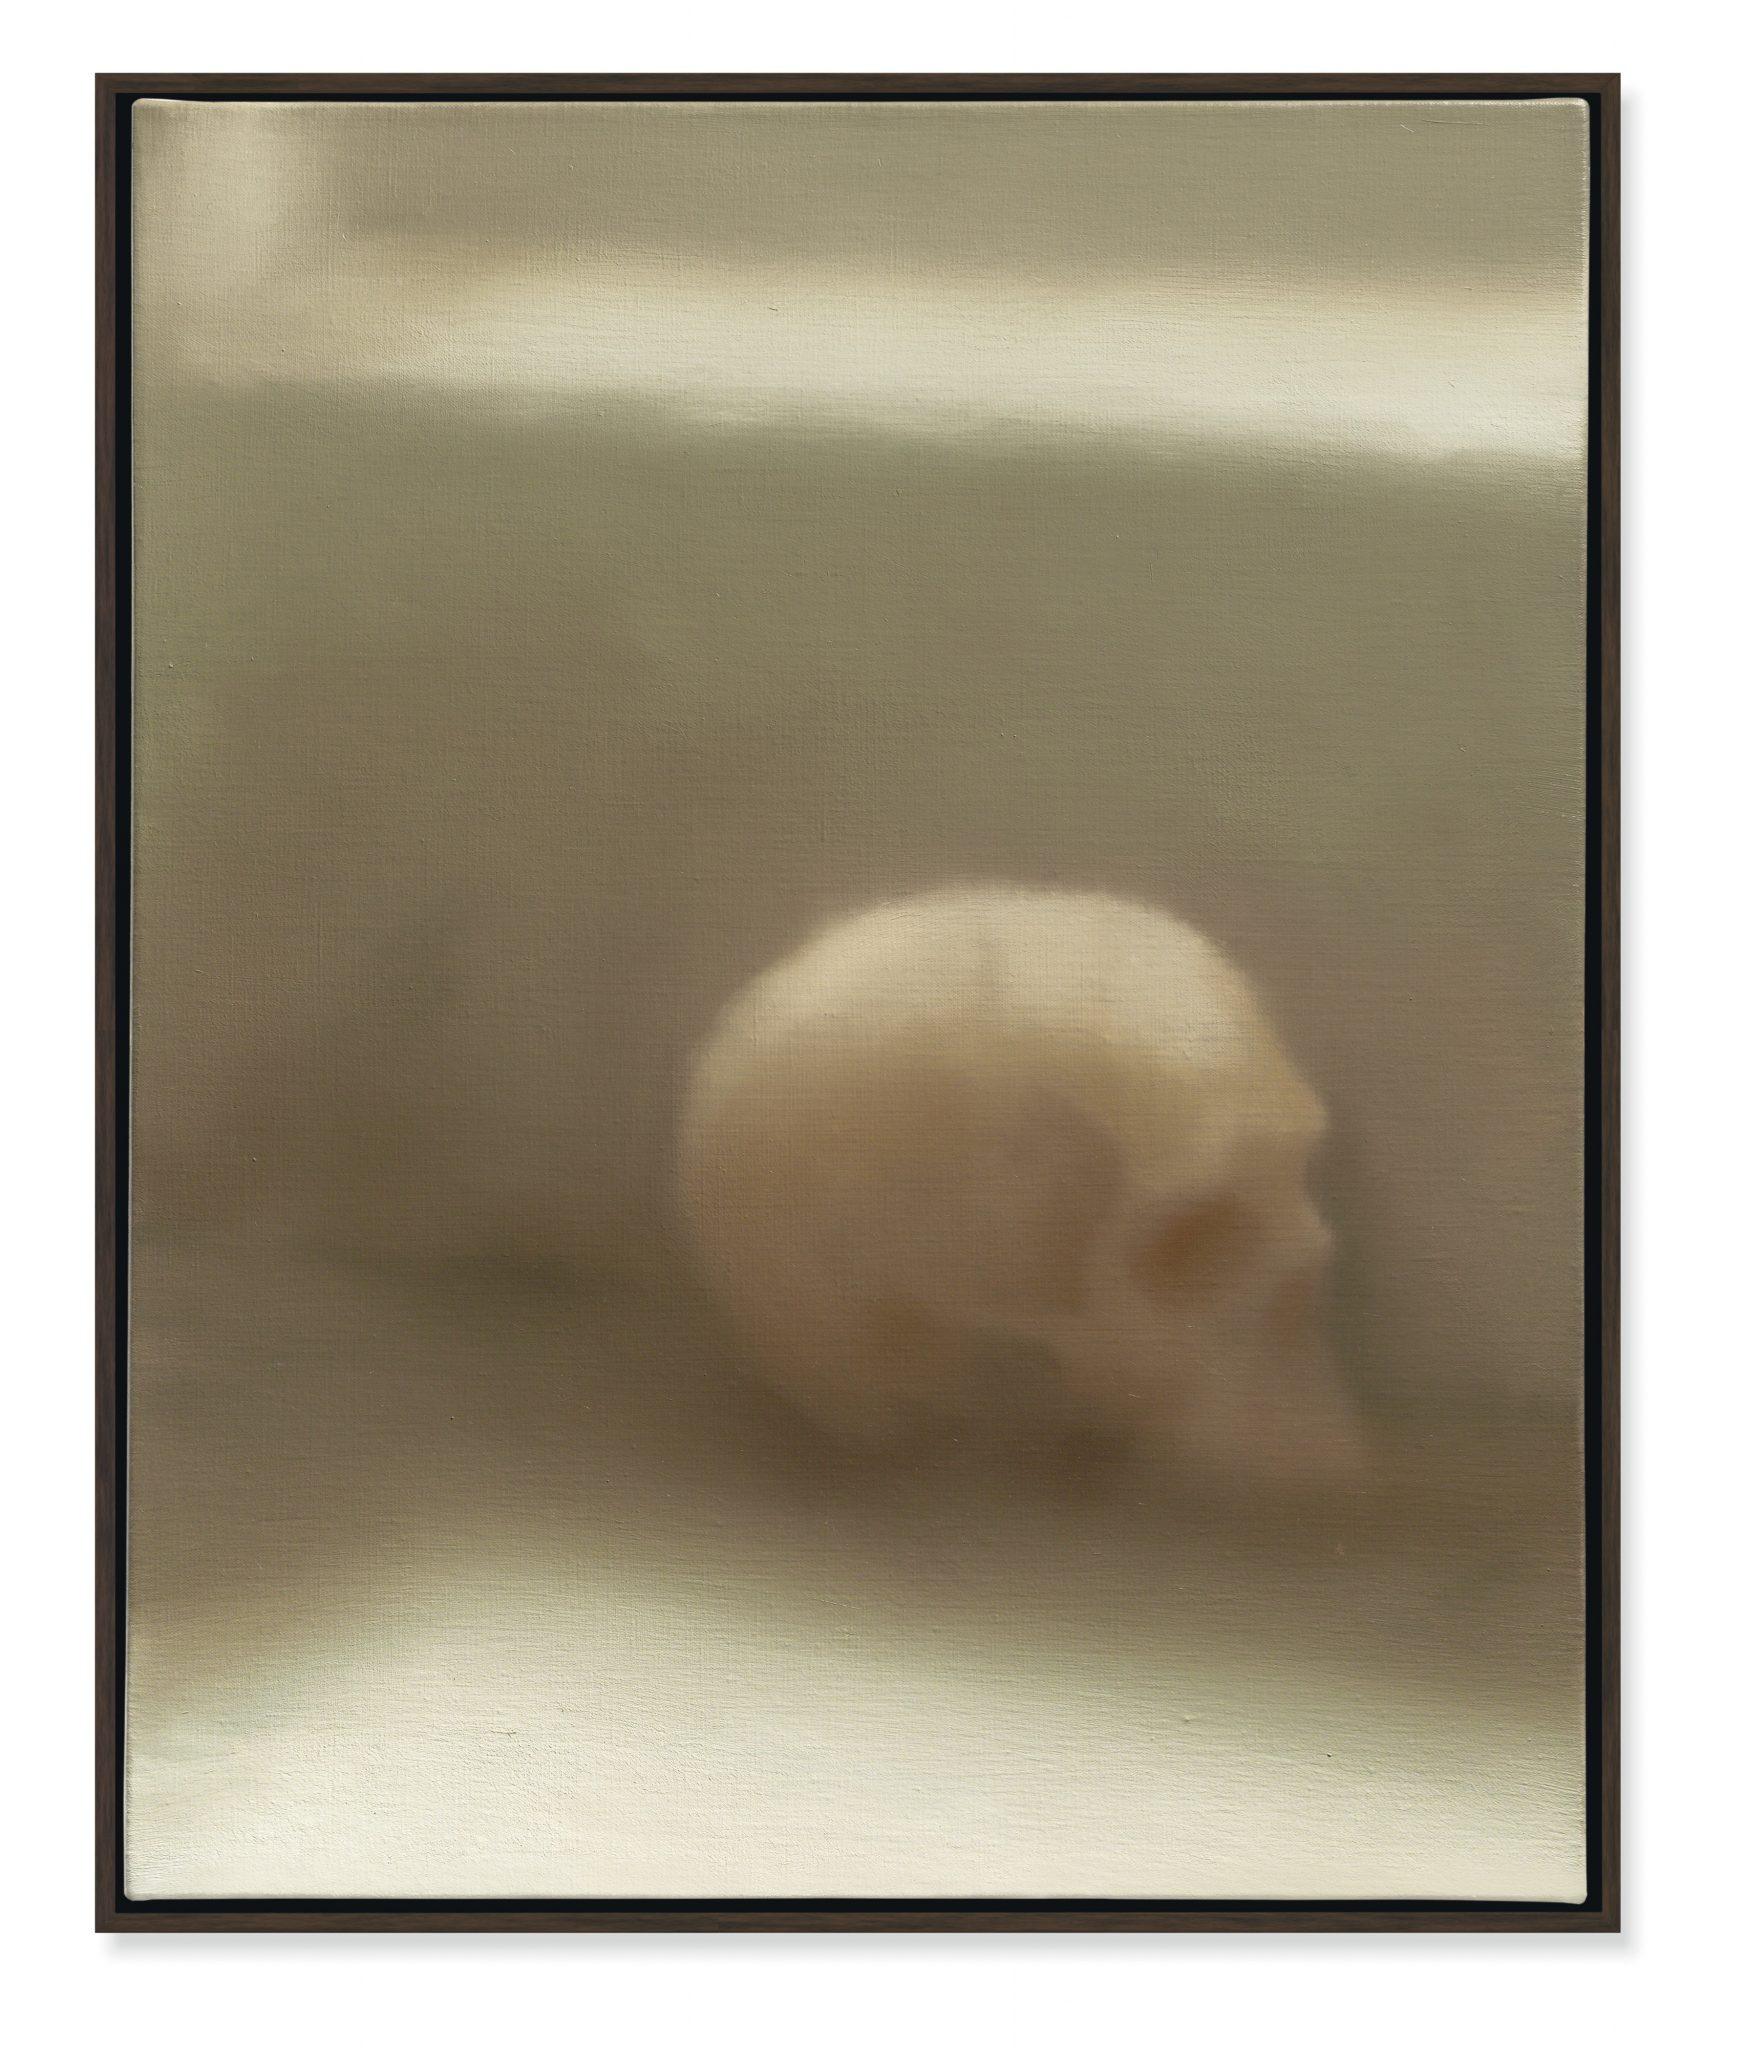 Schadel (Skull), Gerhard Richter